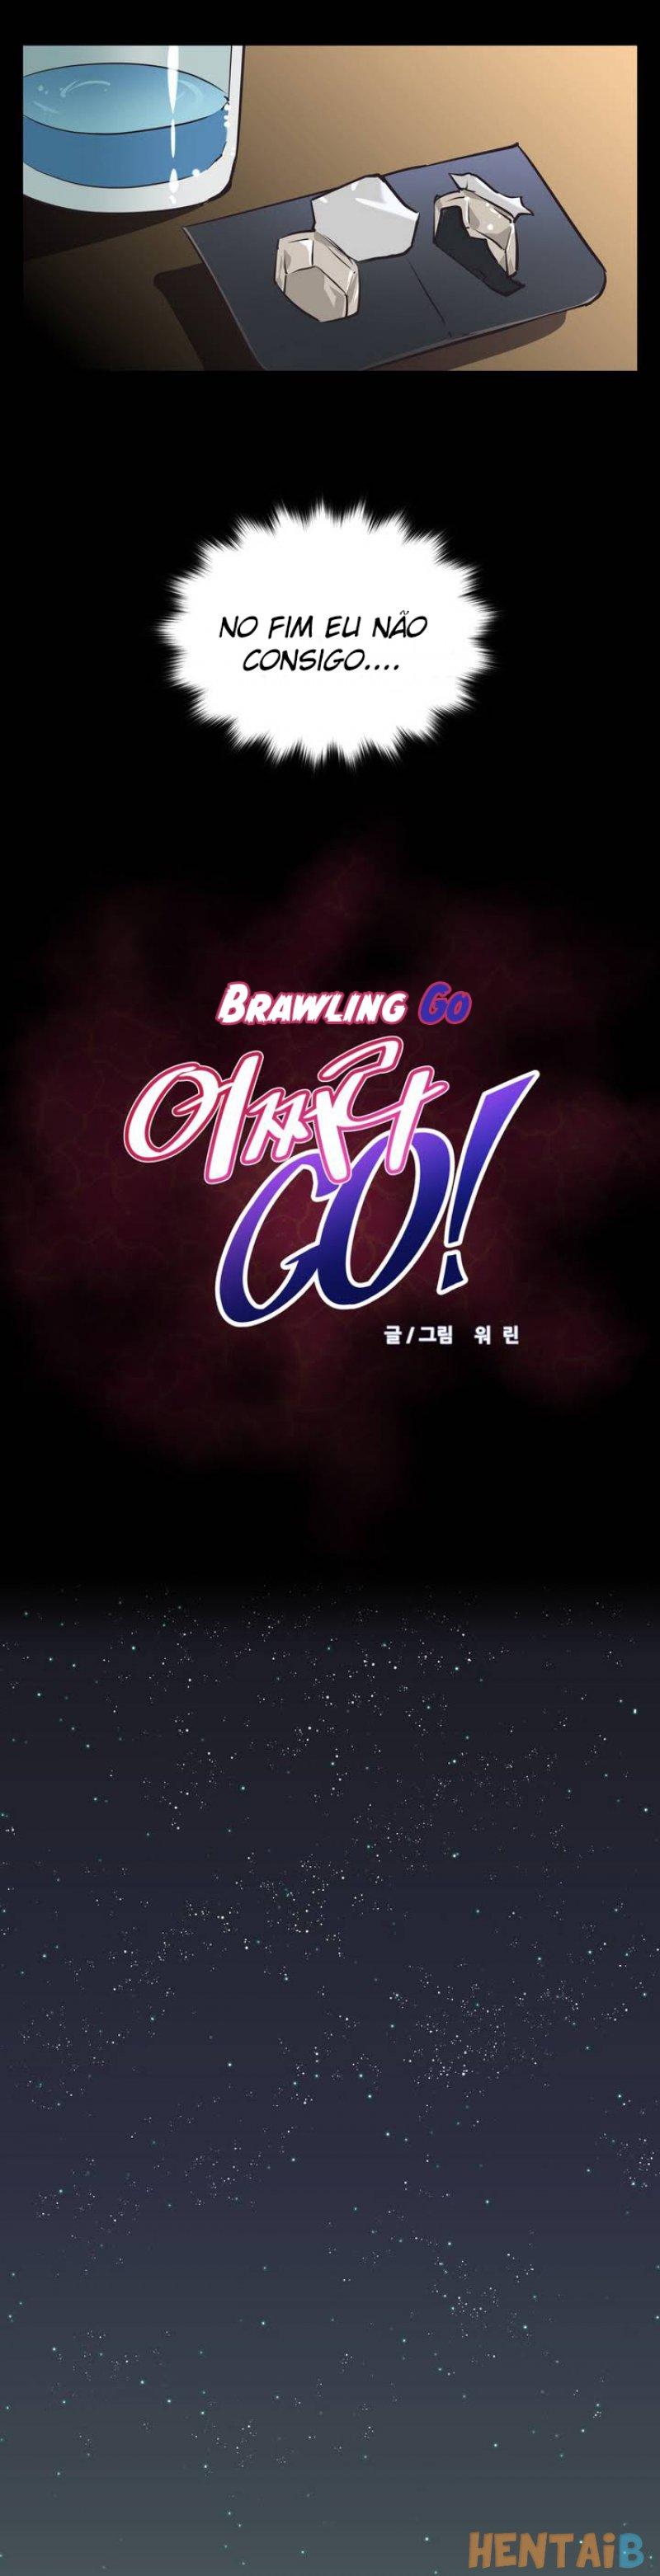 Brawling Go! #01